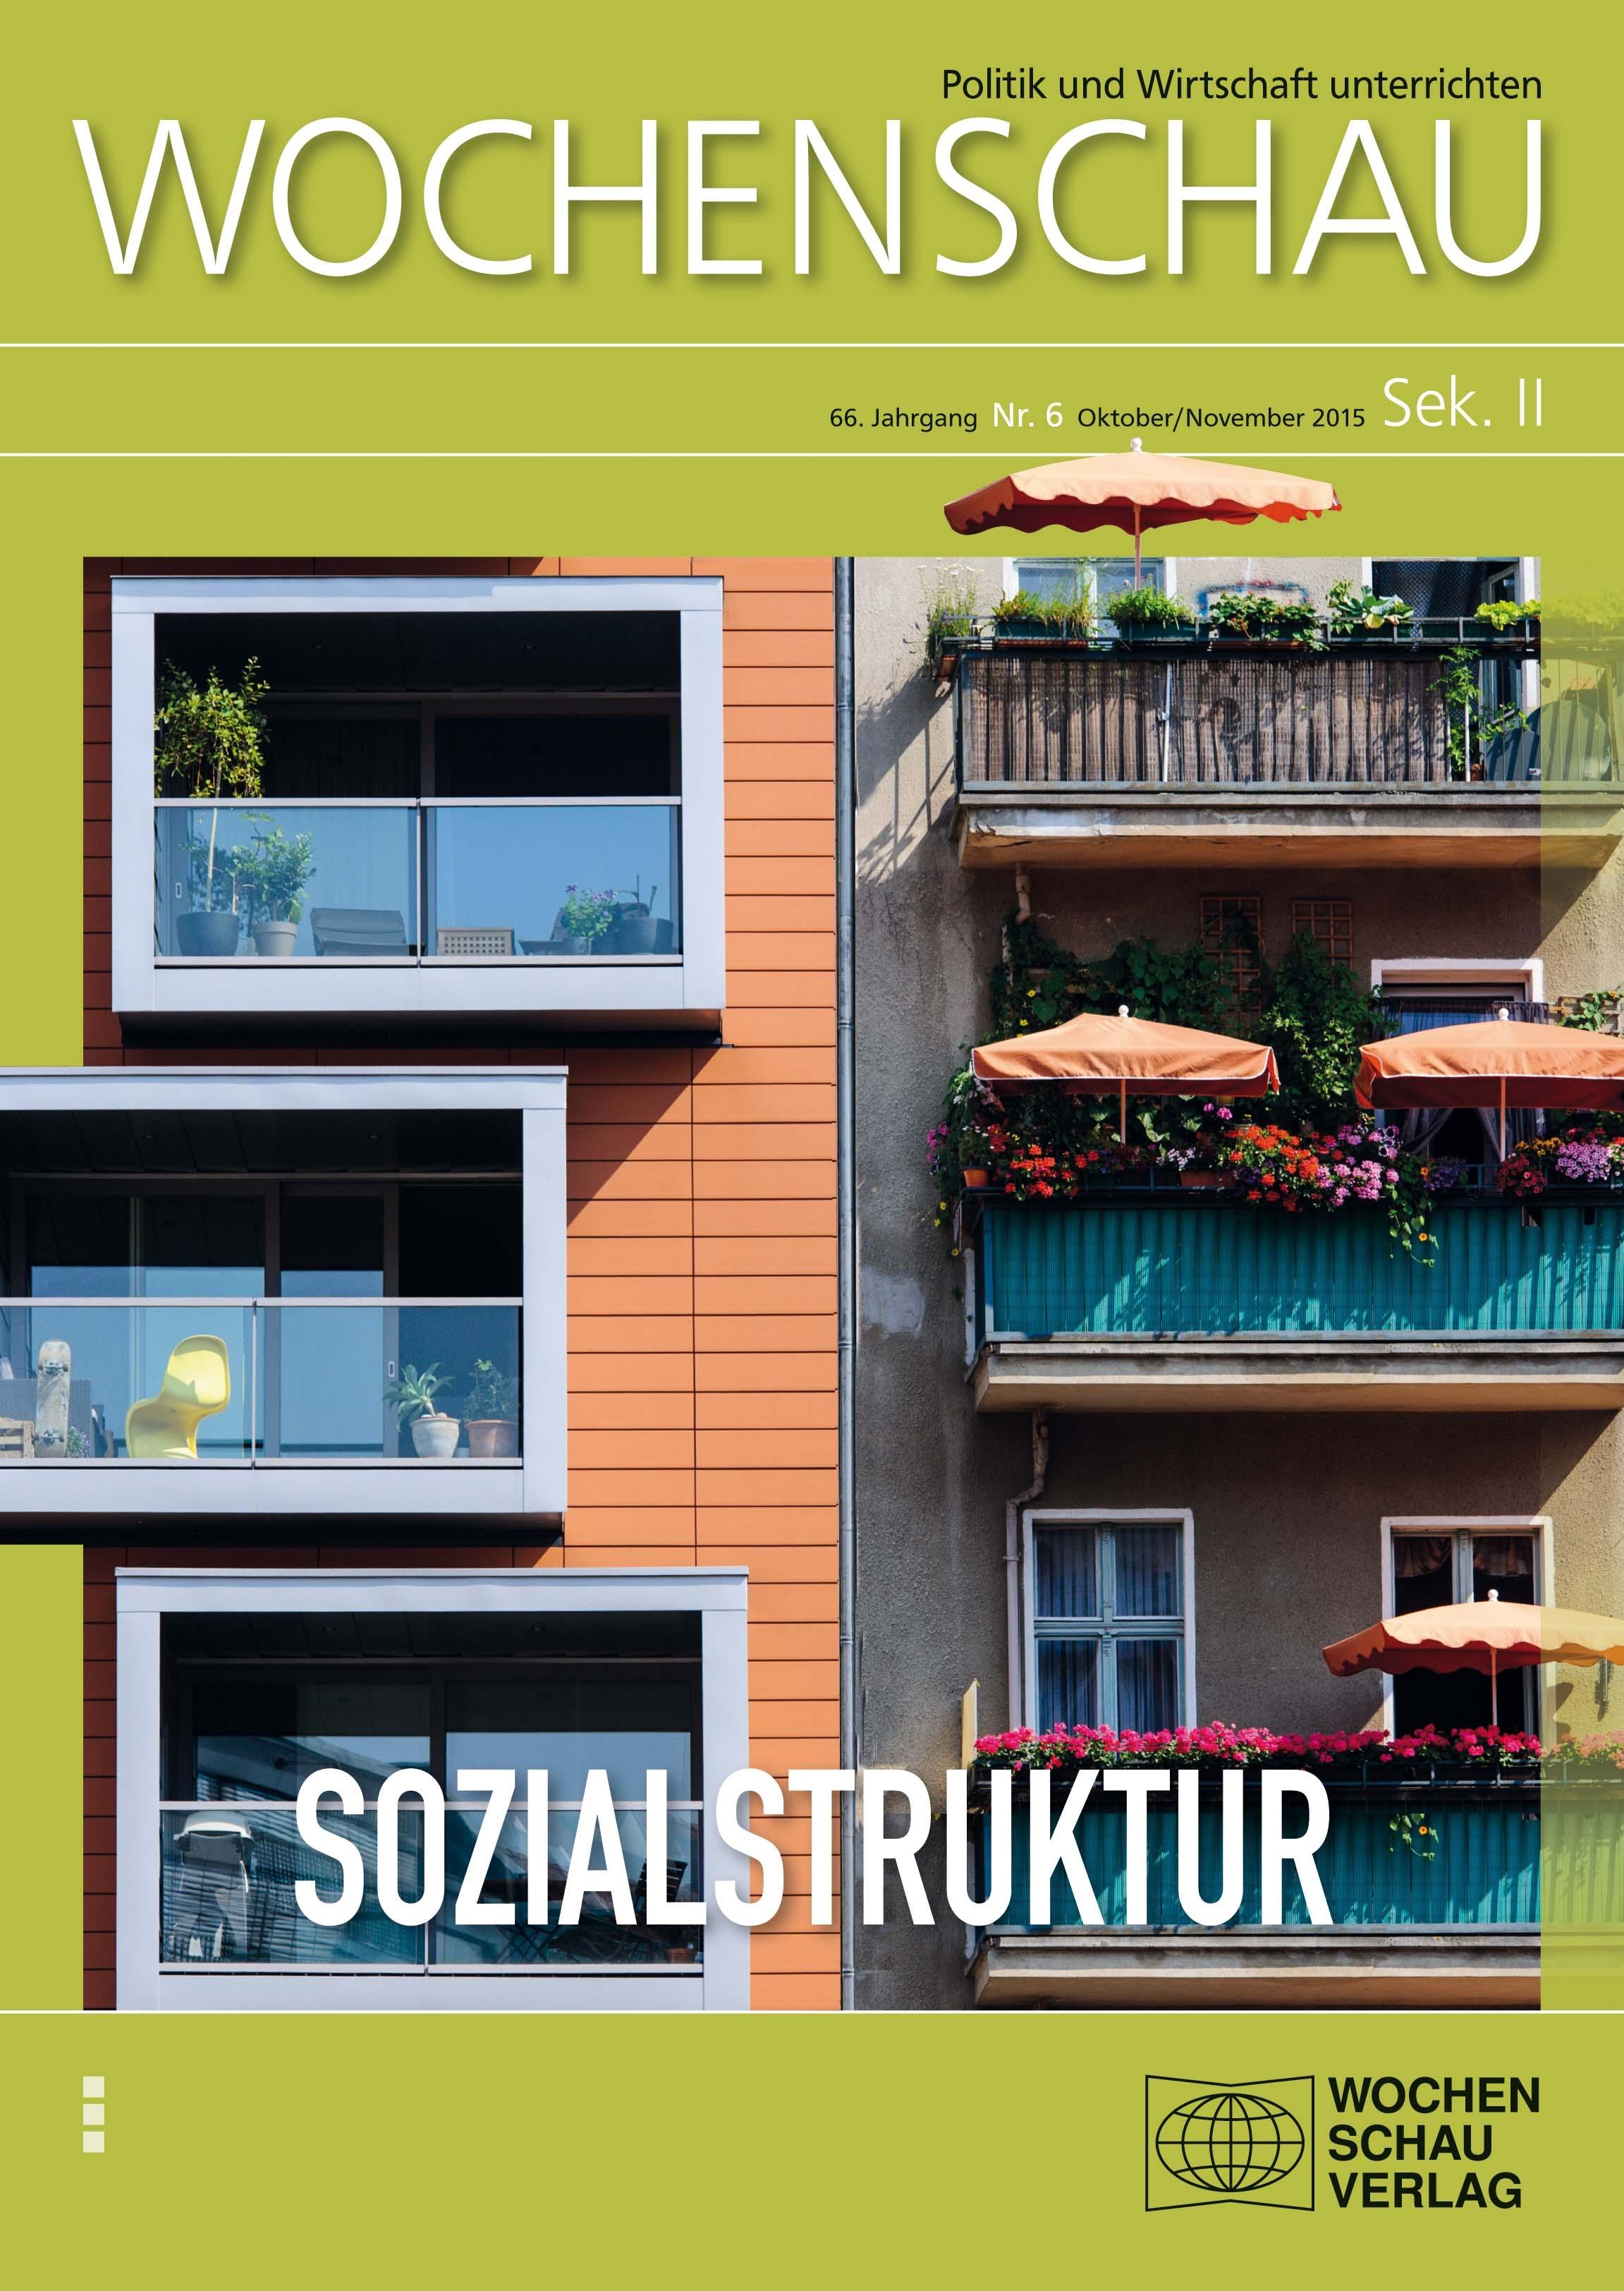 Sozialstruktur, demographischer Wandel, Bevölkerungsentwicklung, Gesellschaft, soziale Ungleichheit, soziale Mobilität